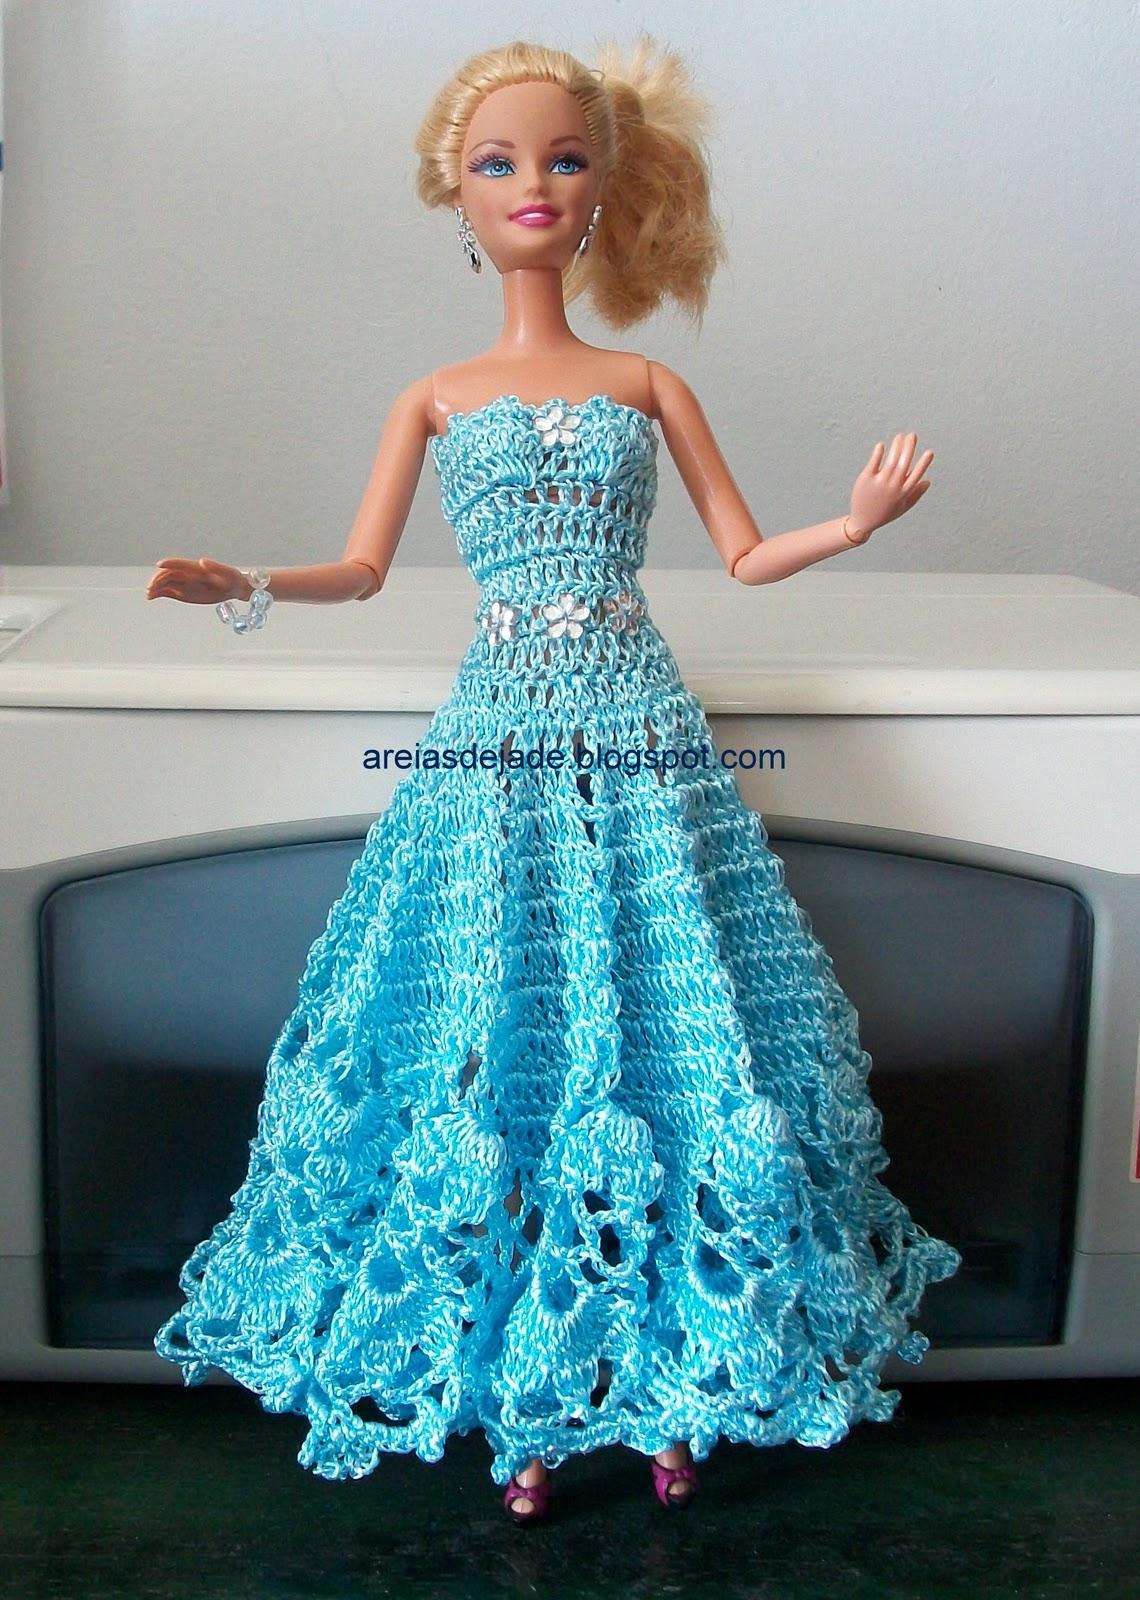 por croche esses vestidos em crochê da coleção ideais são para ser  #1A8FB1 1140 1600